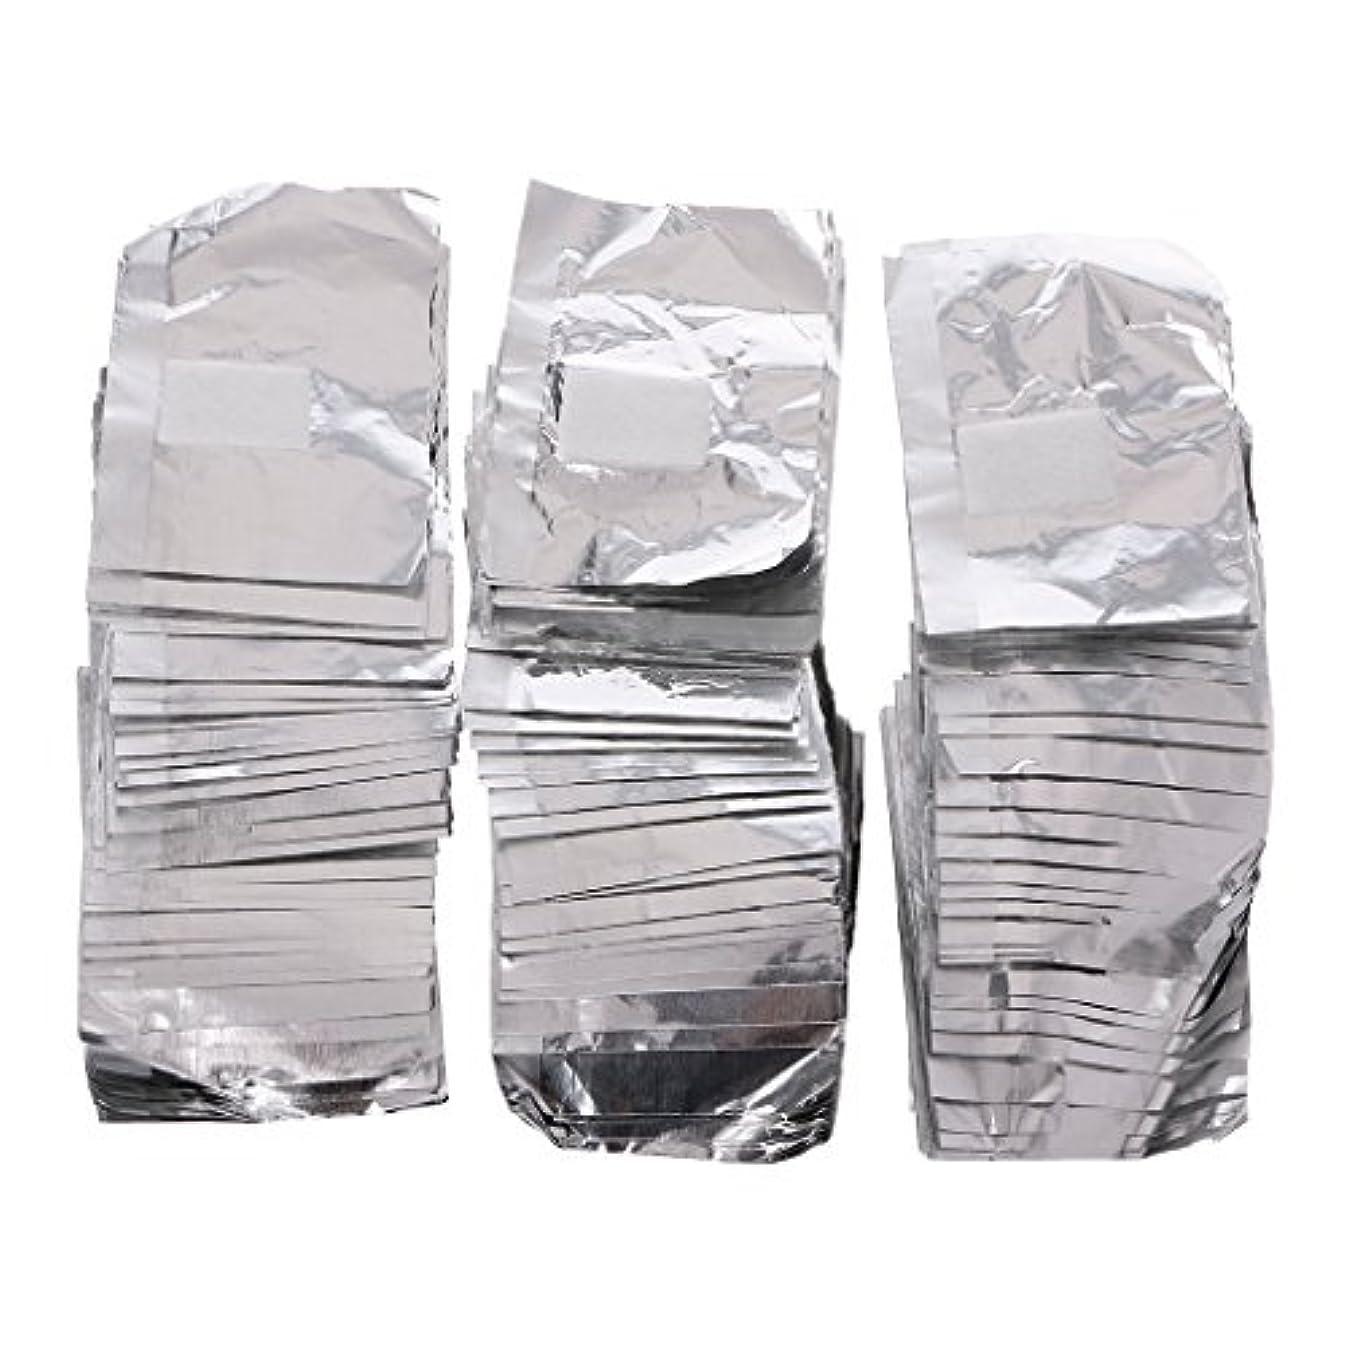 砂利マイナスシュガージャッキーネイルアートアンロード錫箔150Pcピースアルミ箔ネイルアートソークオフアクリルジェルポリッシュネイルラップリムーバー